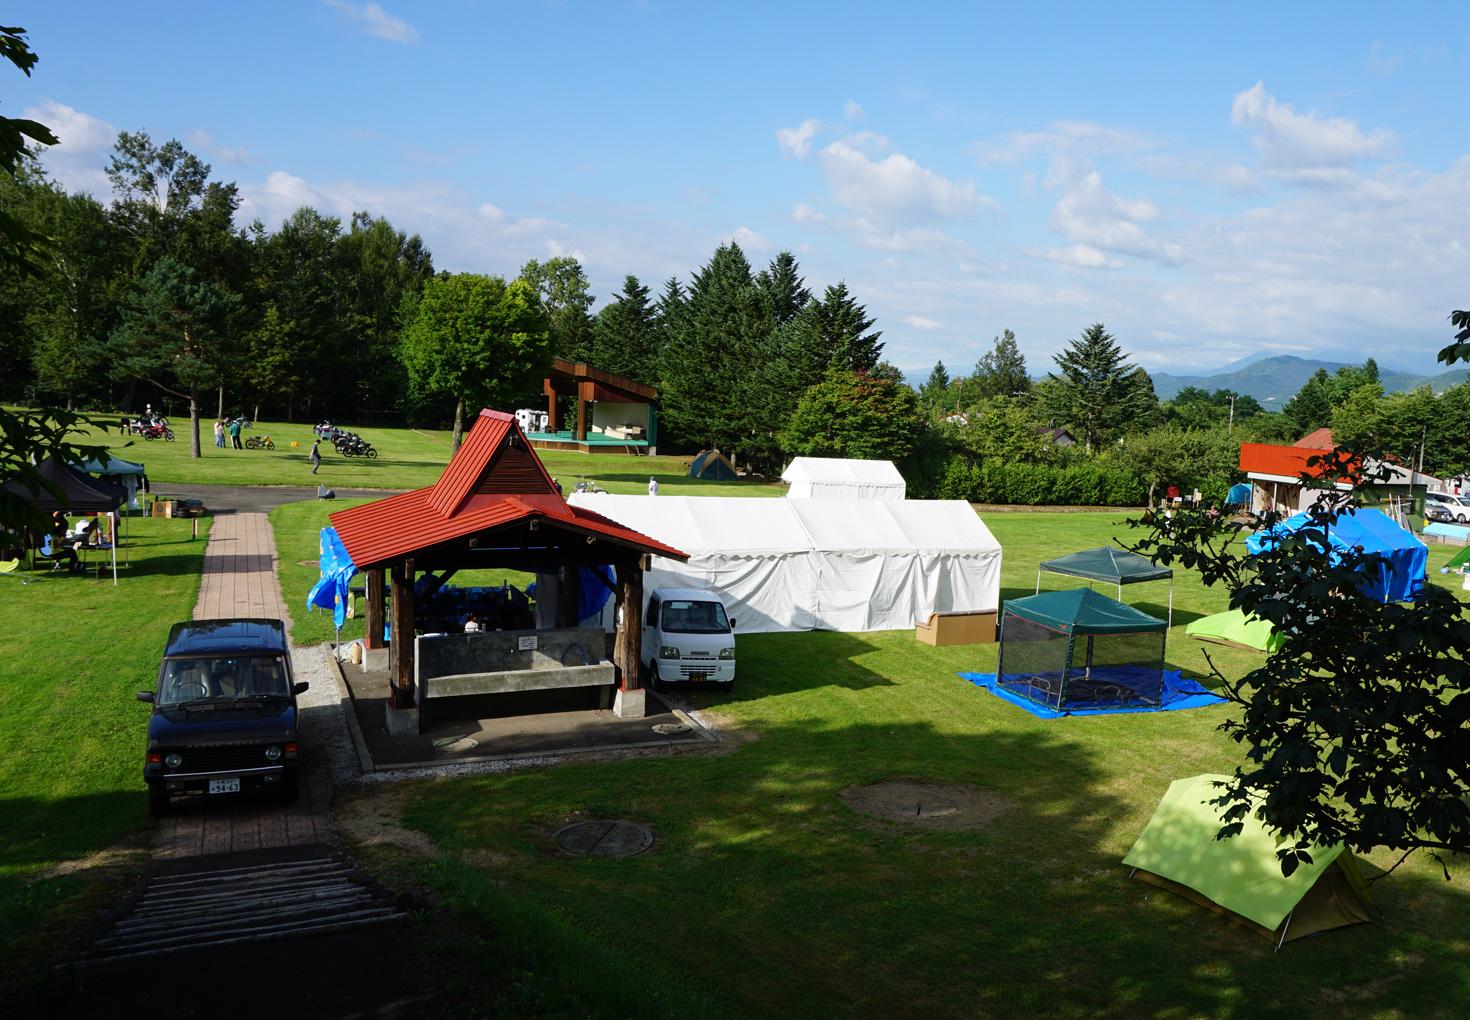 富良野市山部自然公園太陽の里キャンプ場11